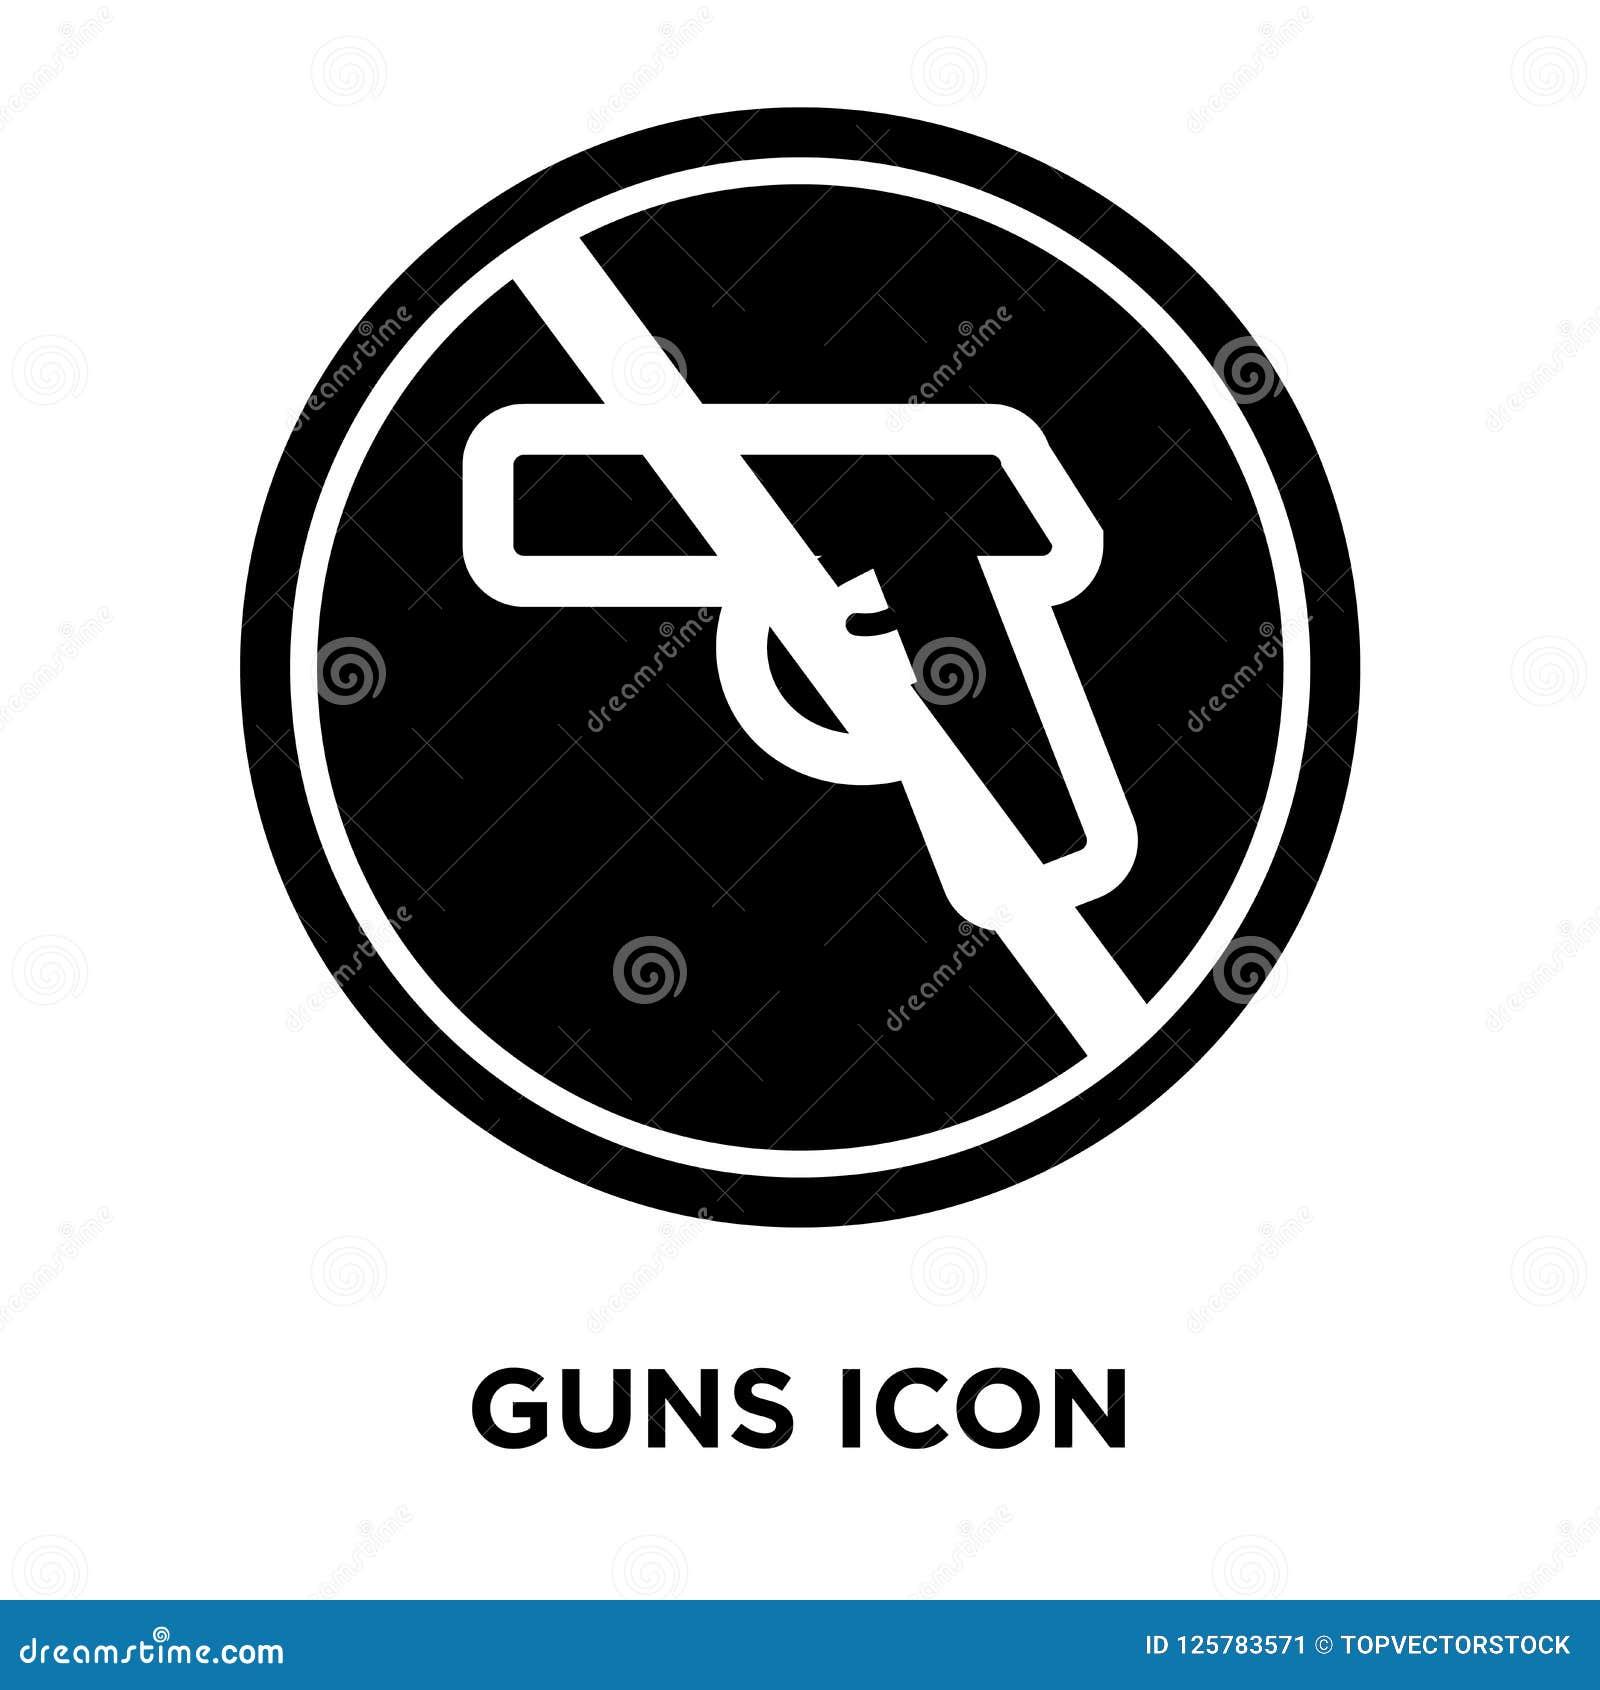 Διάνυσμα εικονιδίων πυροβόλων όπλων που απομονώνεται στο άσπρο υπόβαθρο, έννοια λογότυπων του Γ